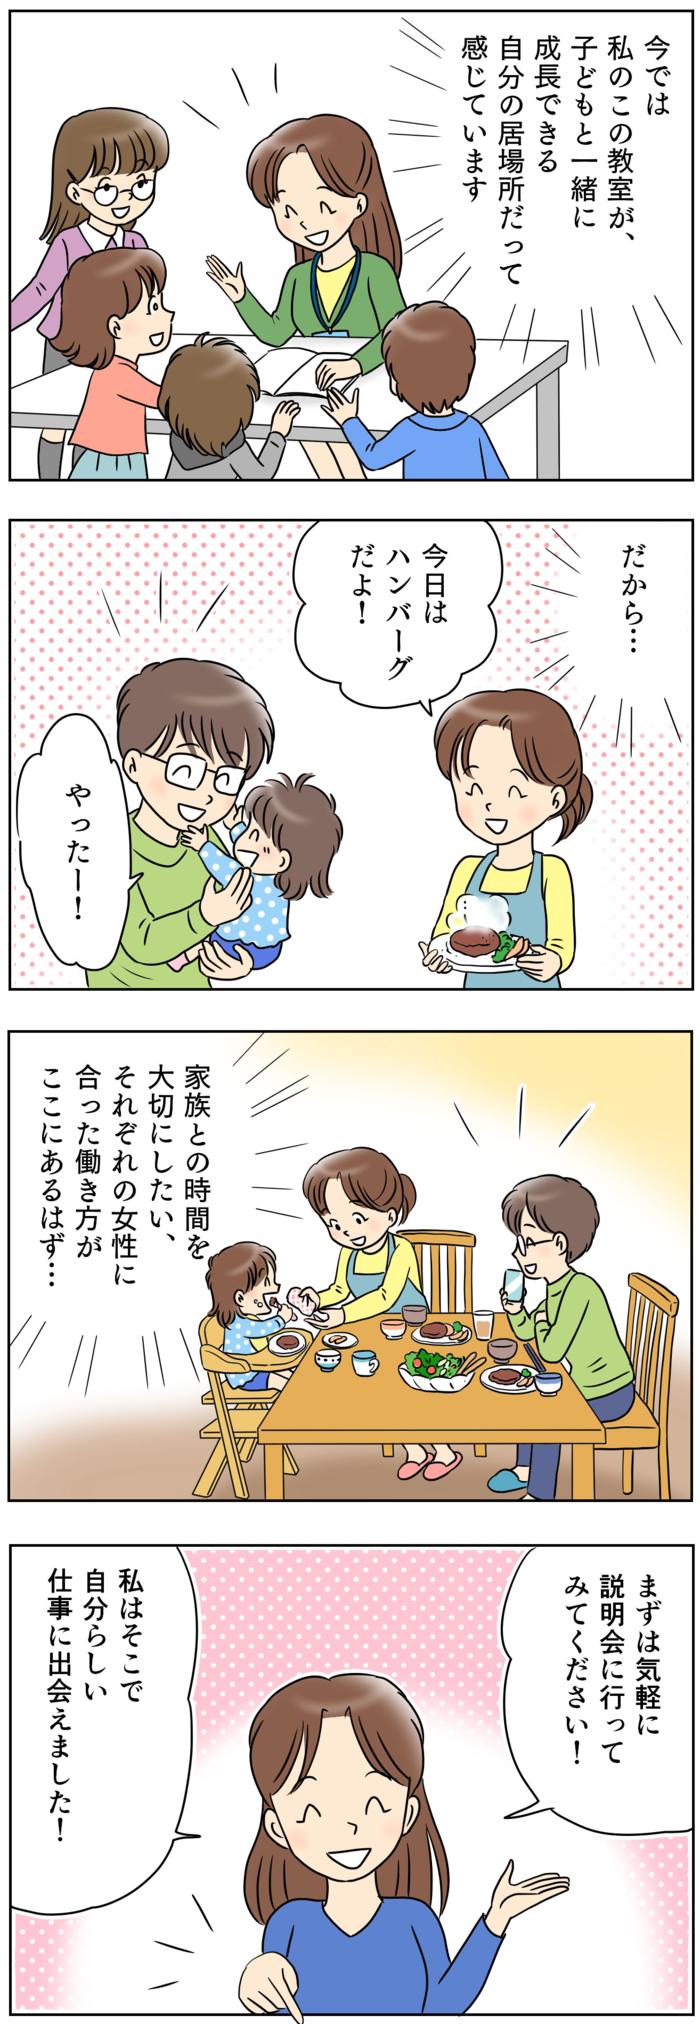 「私らしく働きたい」ママ必見!育児と仕事を両立させる、これからの時代の働き方とは?の画像16